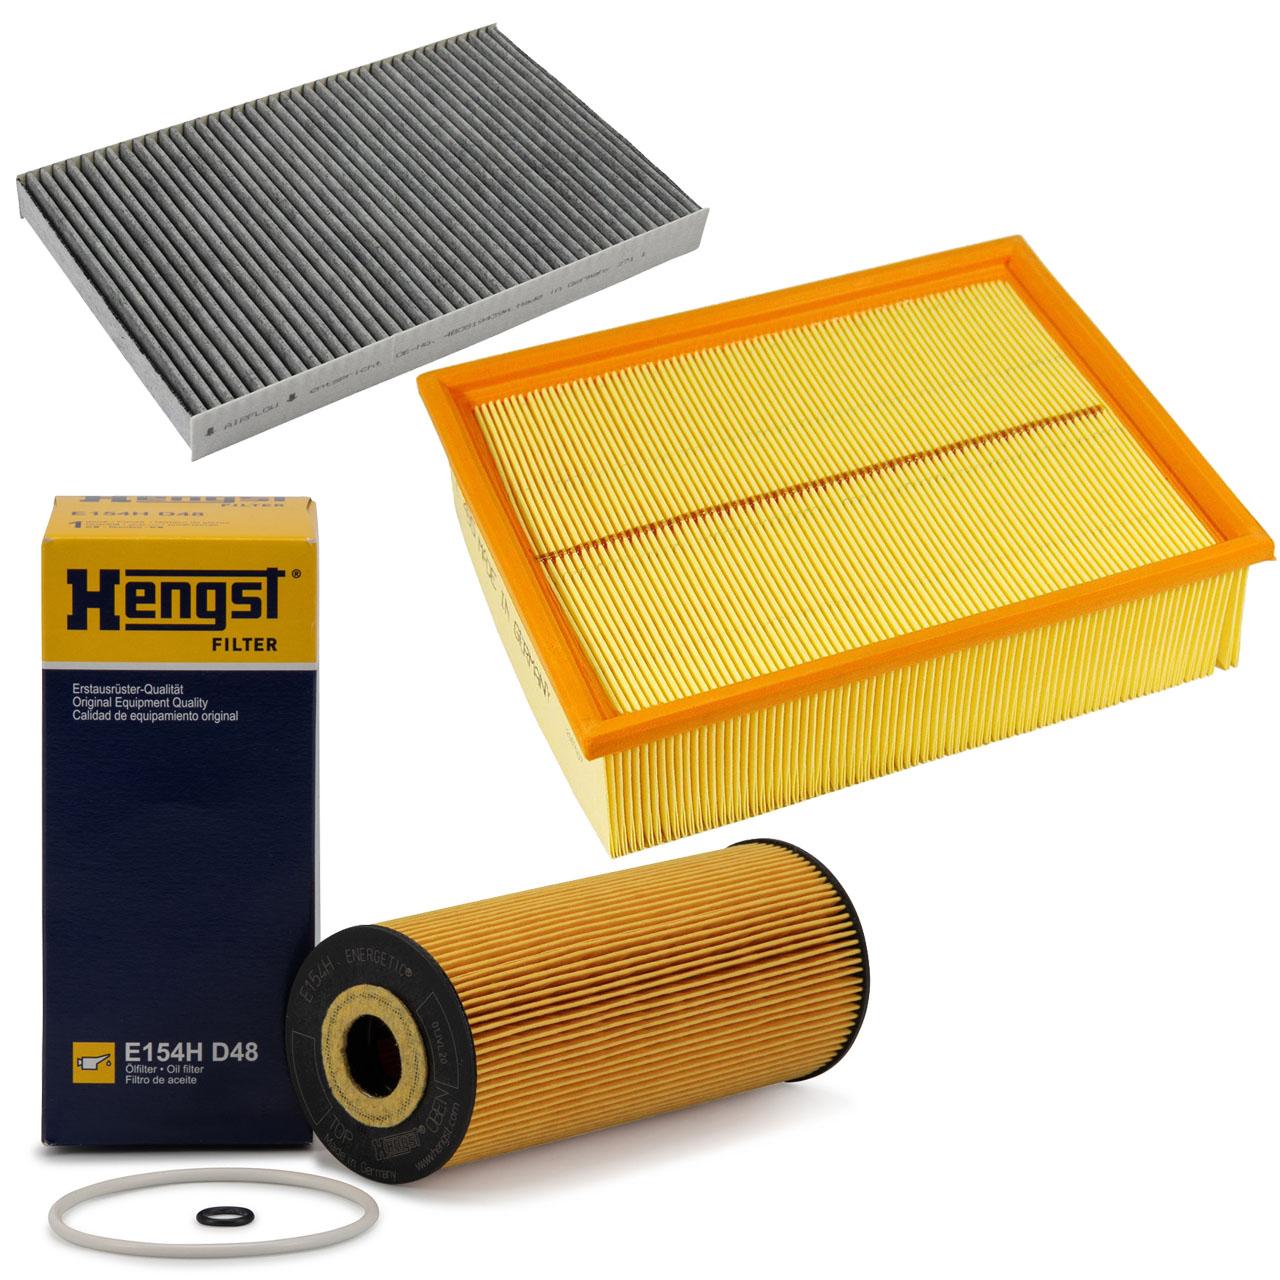 Inspektionskit Filterpaket 3-tlg AUDI A4 (8E B6 B7) 1.9 TDI 2.0 TDI 101-140 PS